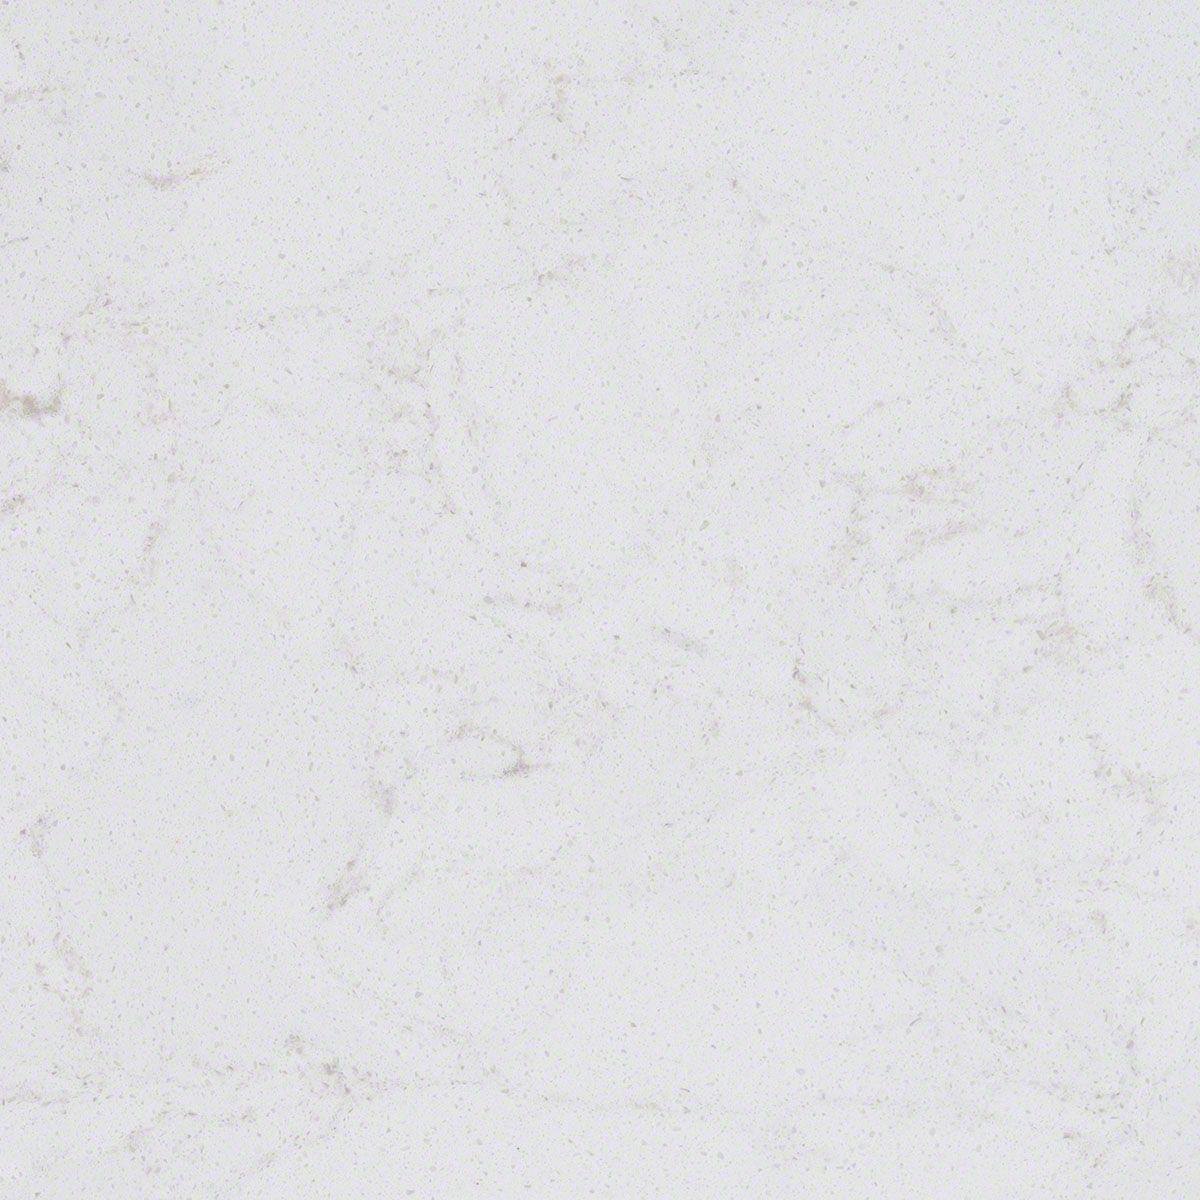 Marbella White Quartz Slab